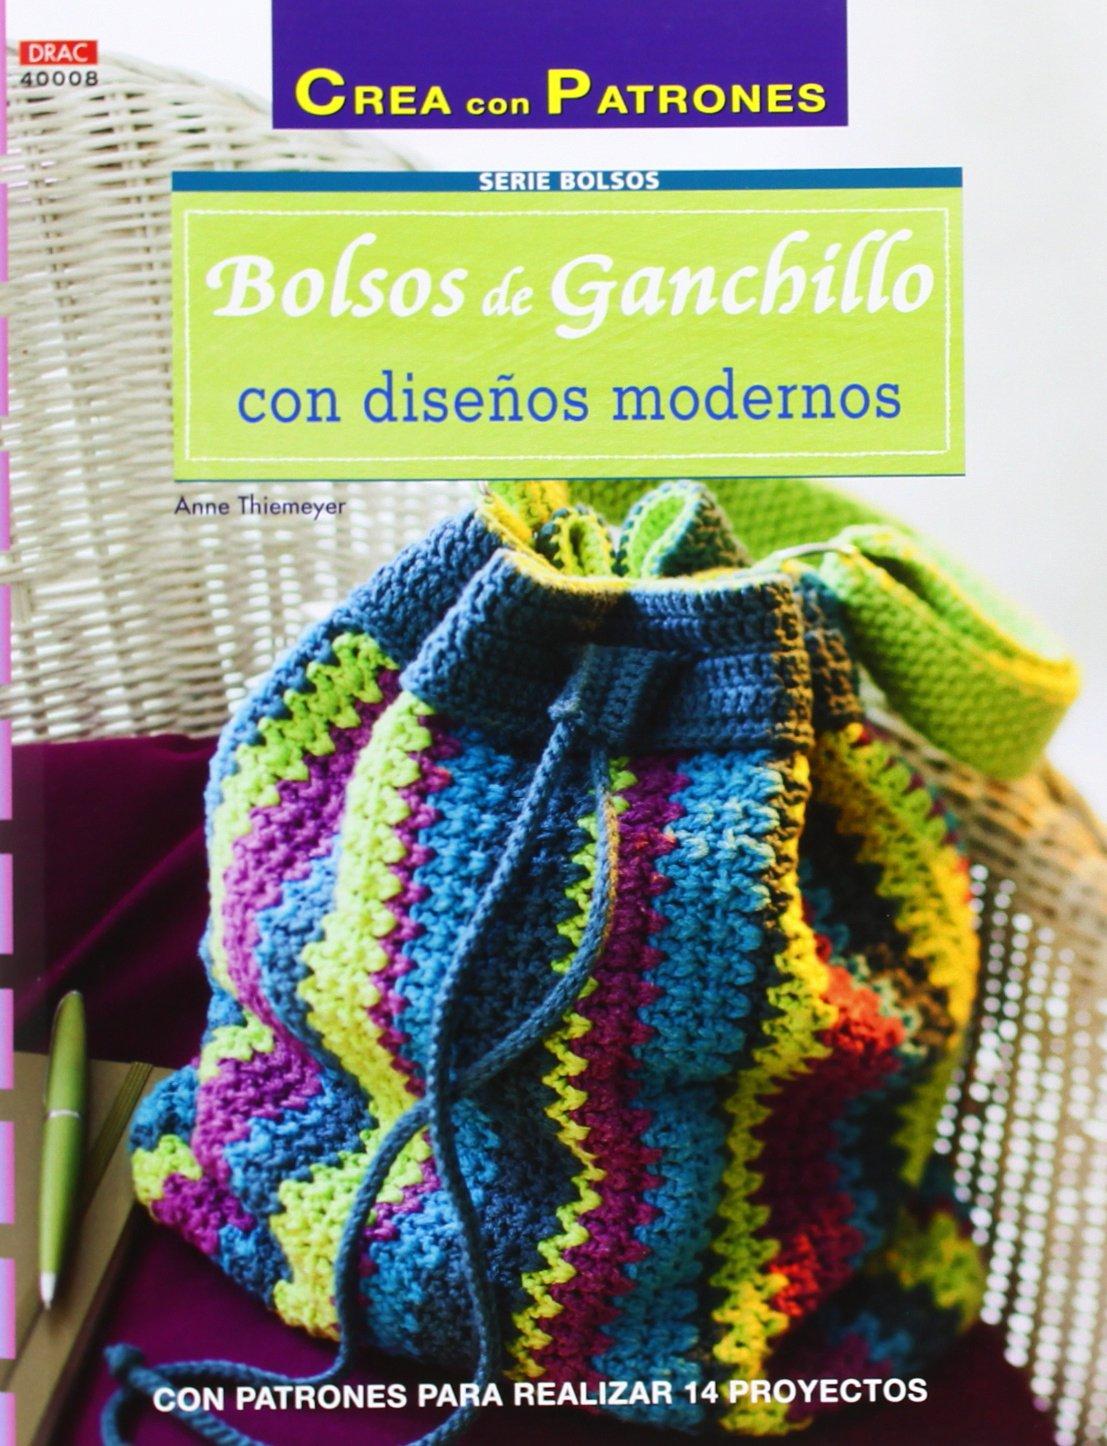 Crea Con Patrones. Serie Bolsos. Bolsos De Ganchillo Con Diseños ...